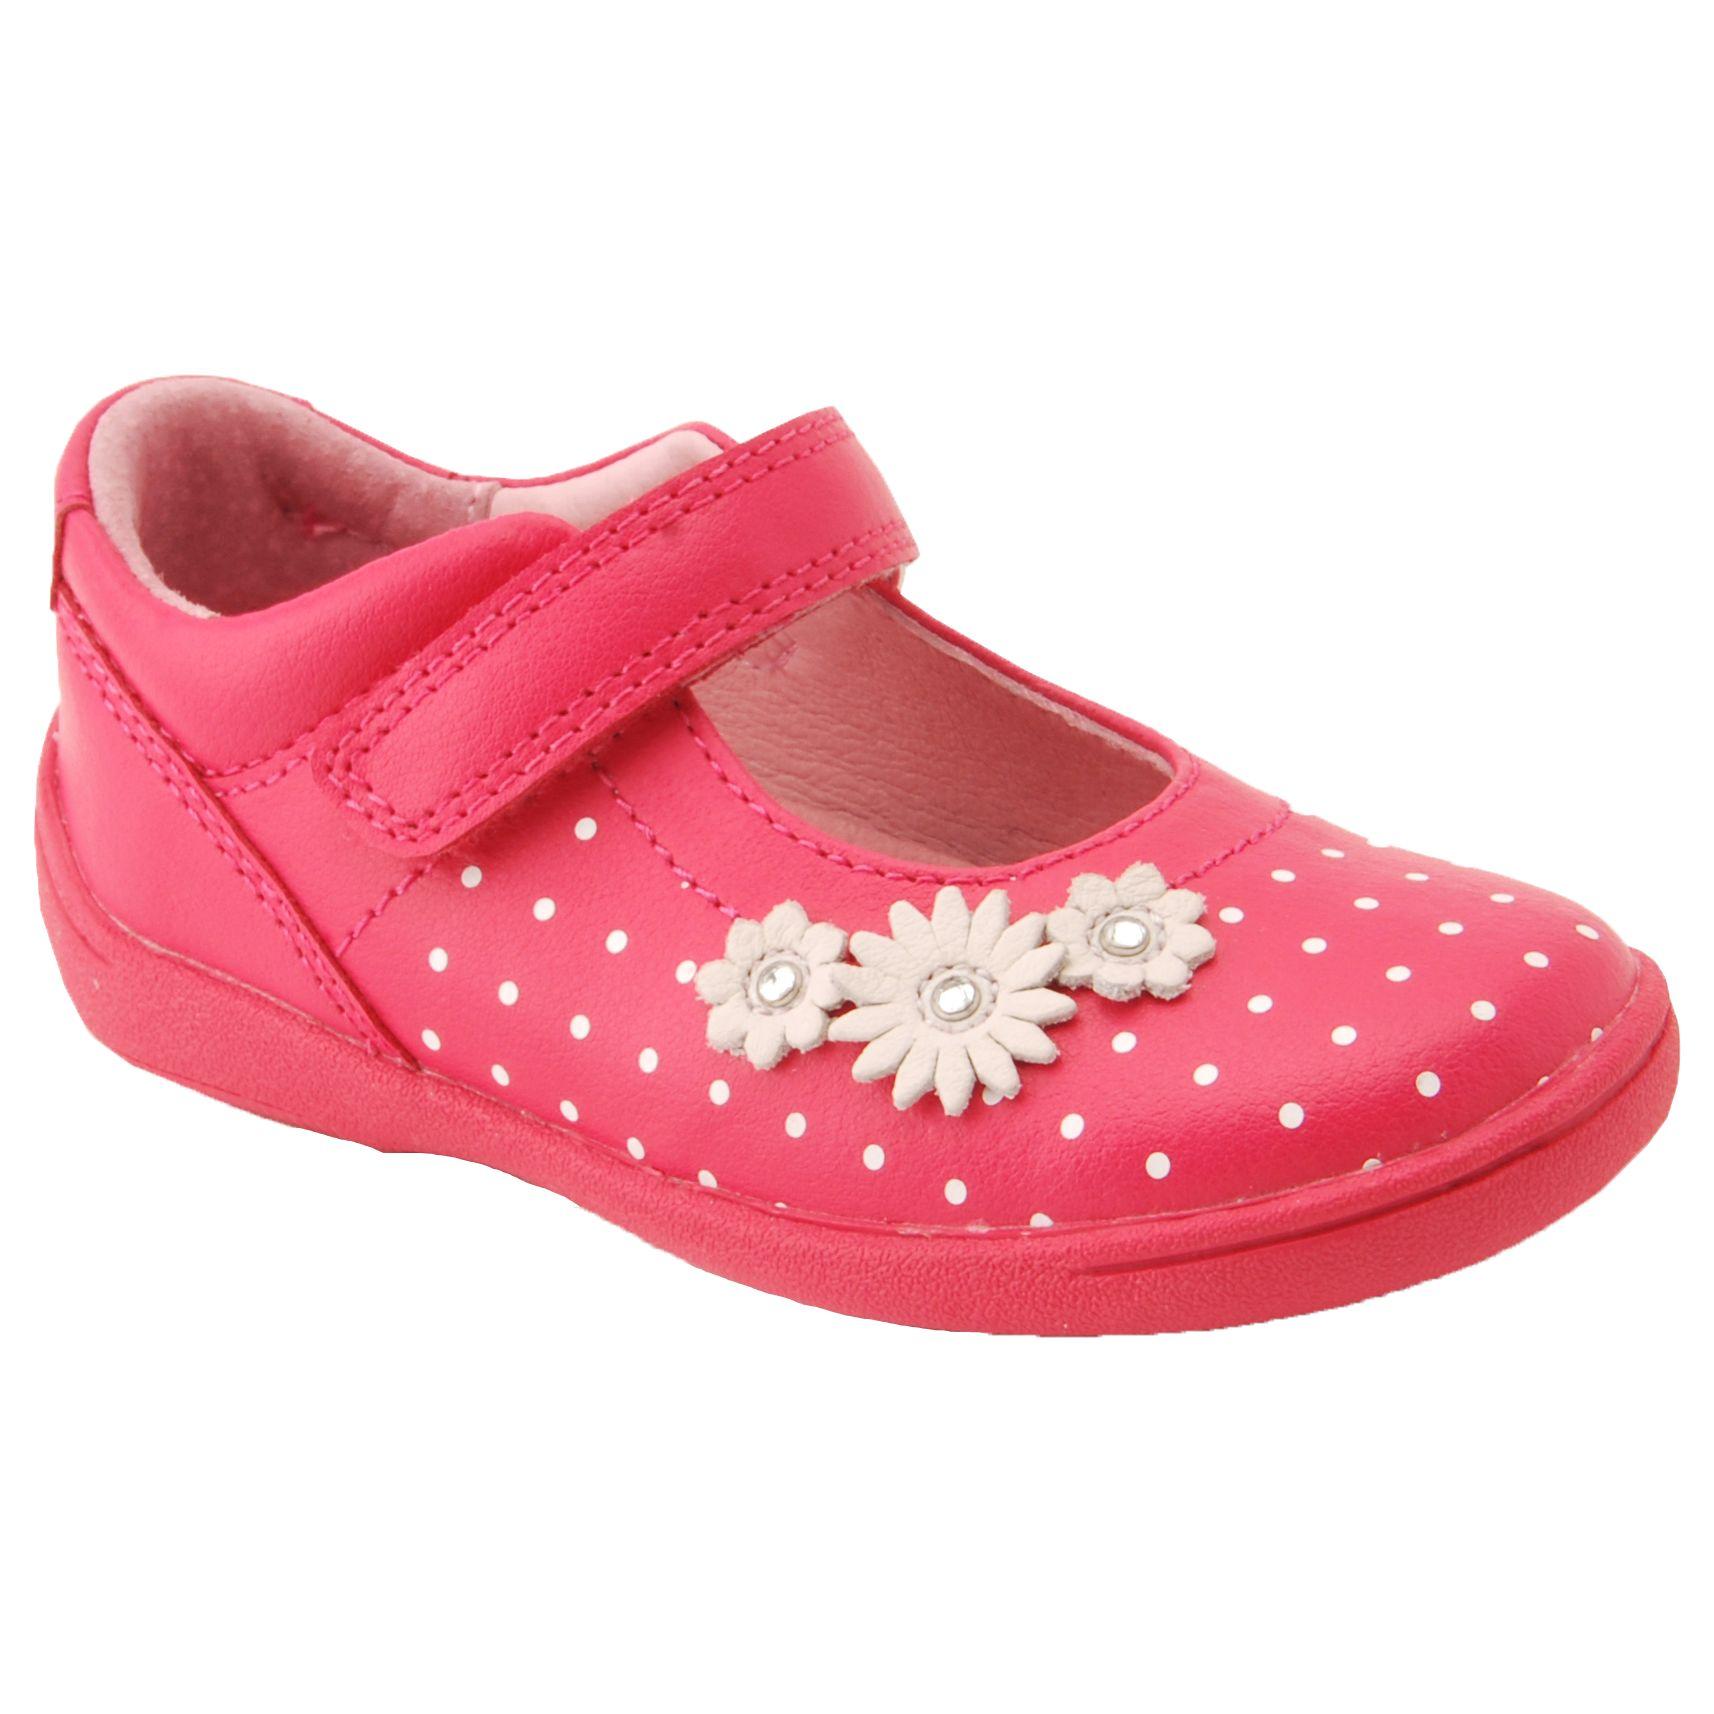 Start-Rite Start-rite Children's Super Soft Daisy Rip-Tape Shoes